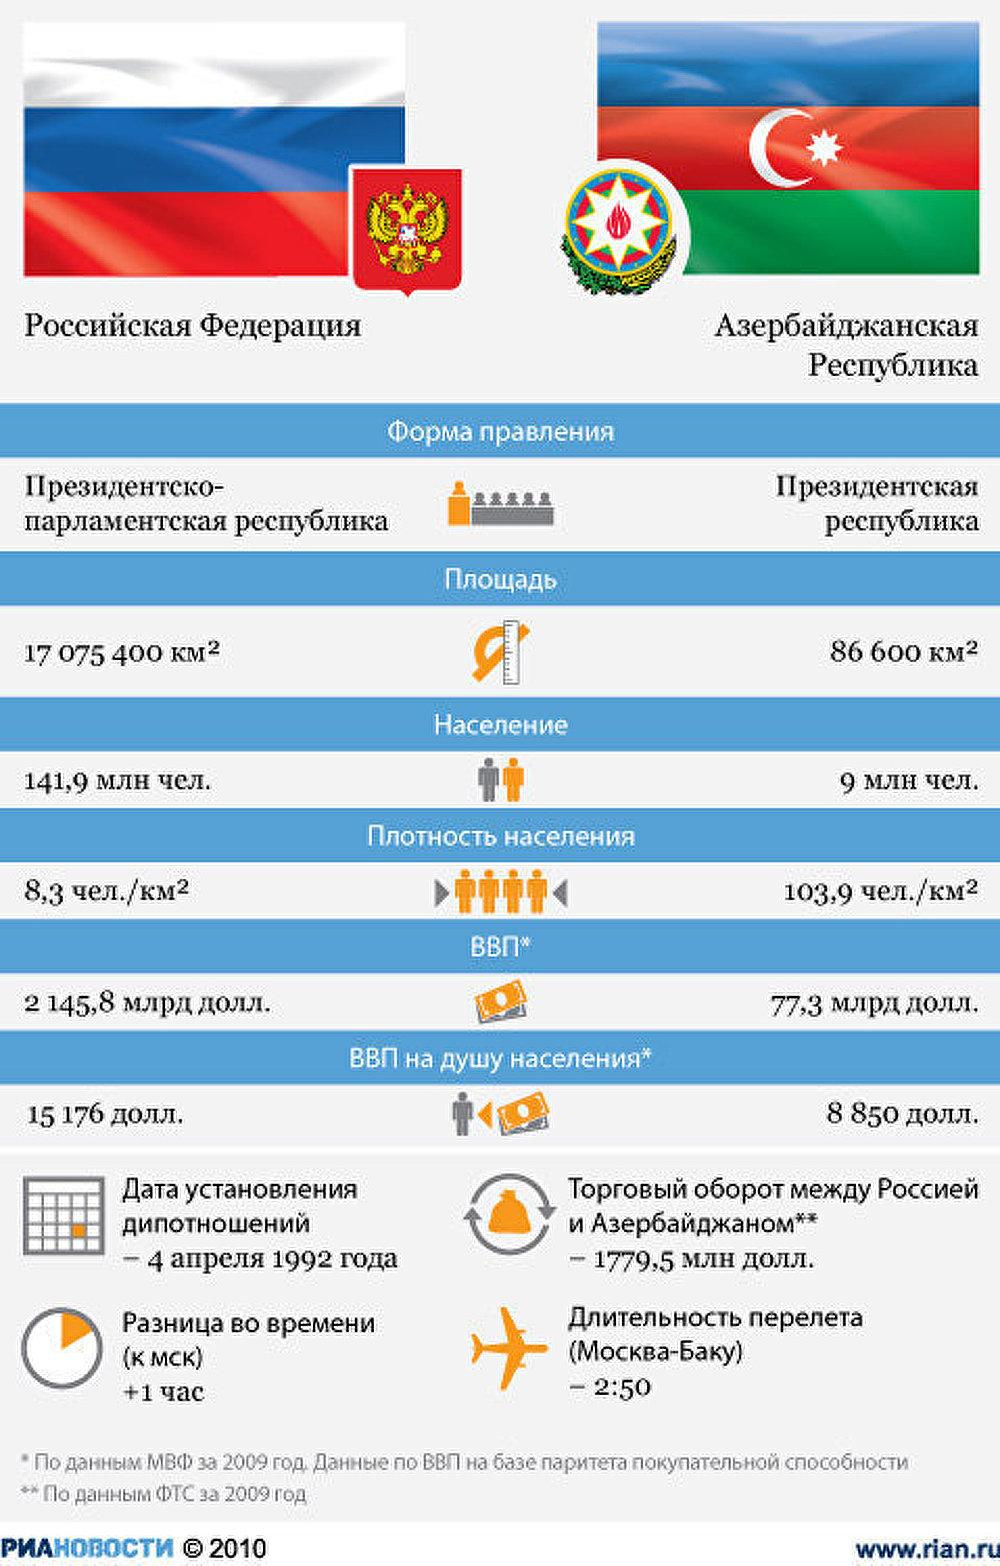 Россия и Азербайджан:отношения стран